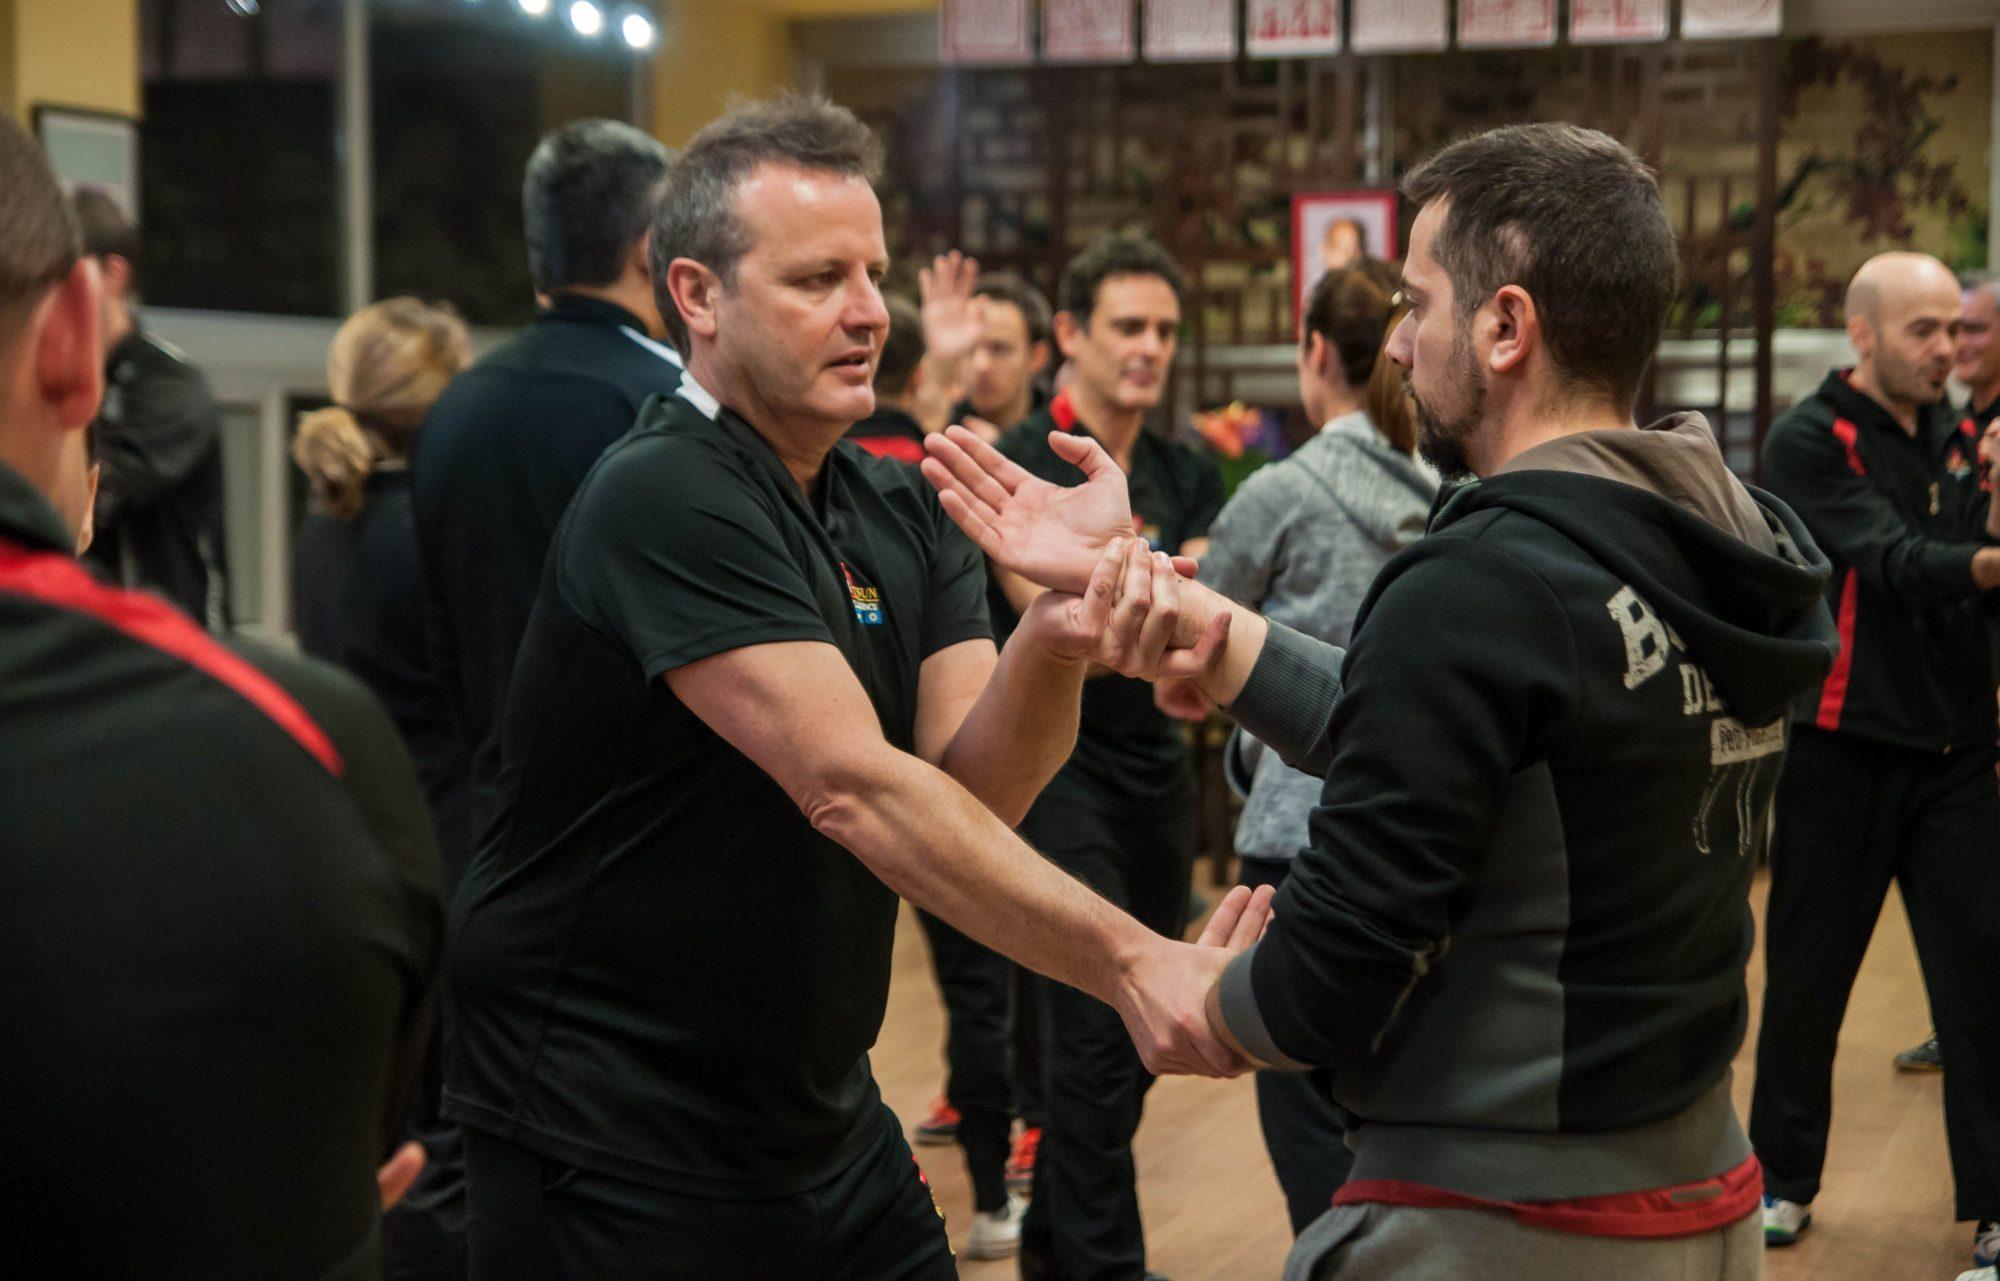 Puedes aprender Wing Chun en Madrid en el centro del maestro Marcelo navarro. Clases de Wing Chun Madrid.